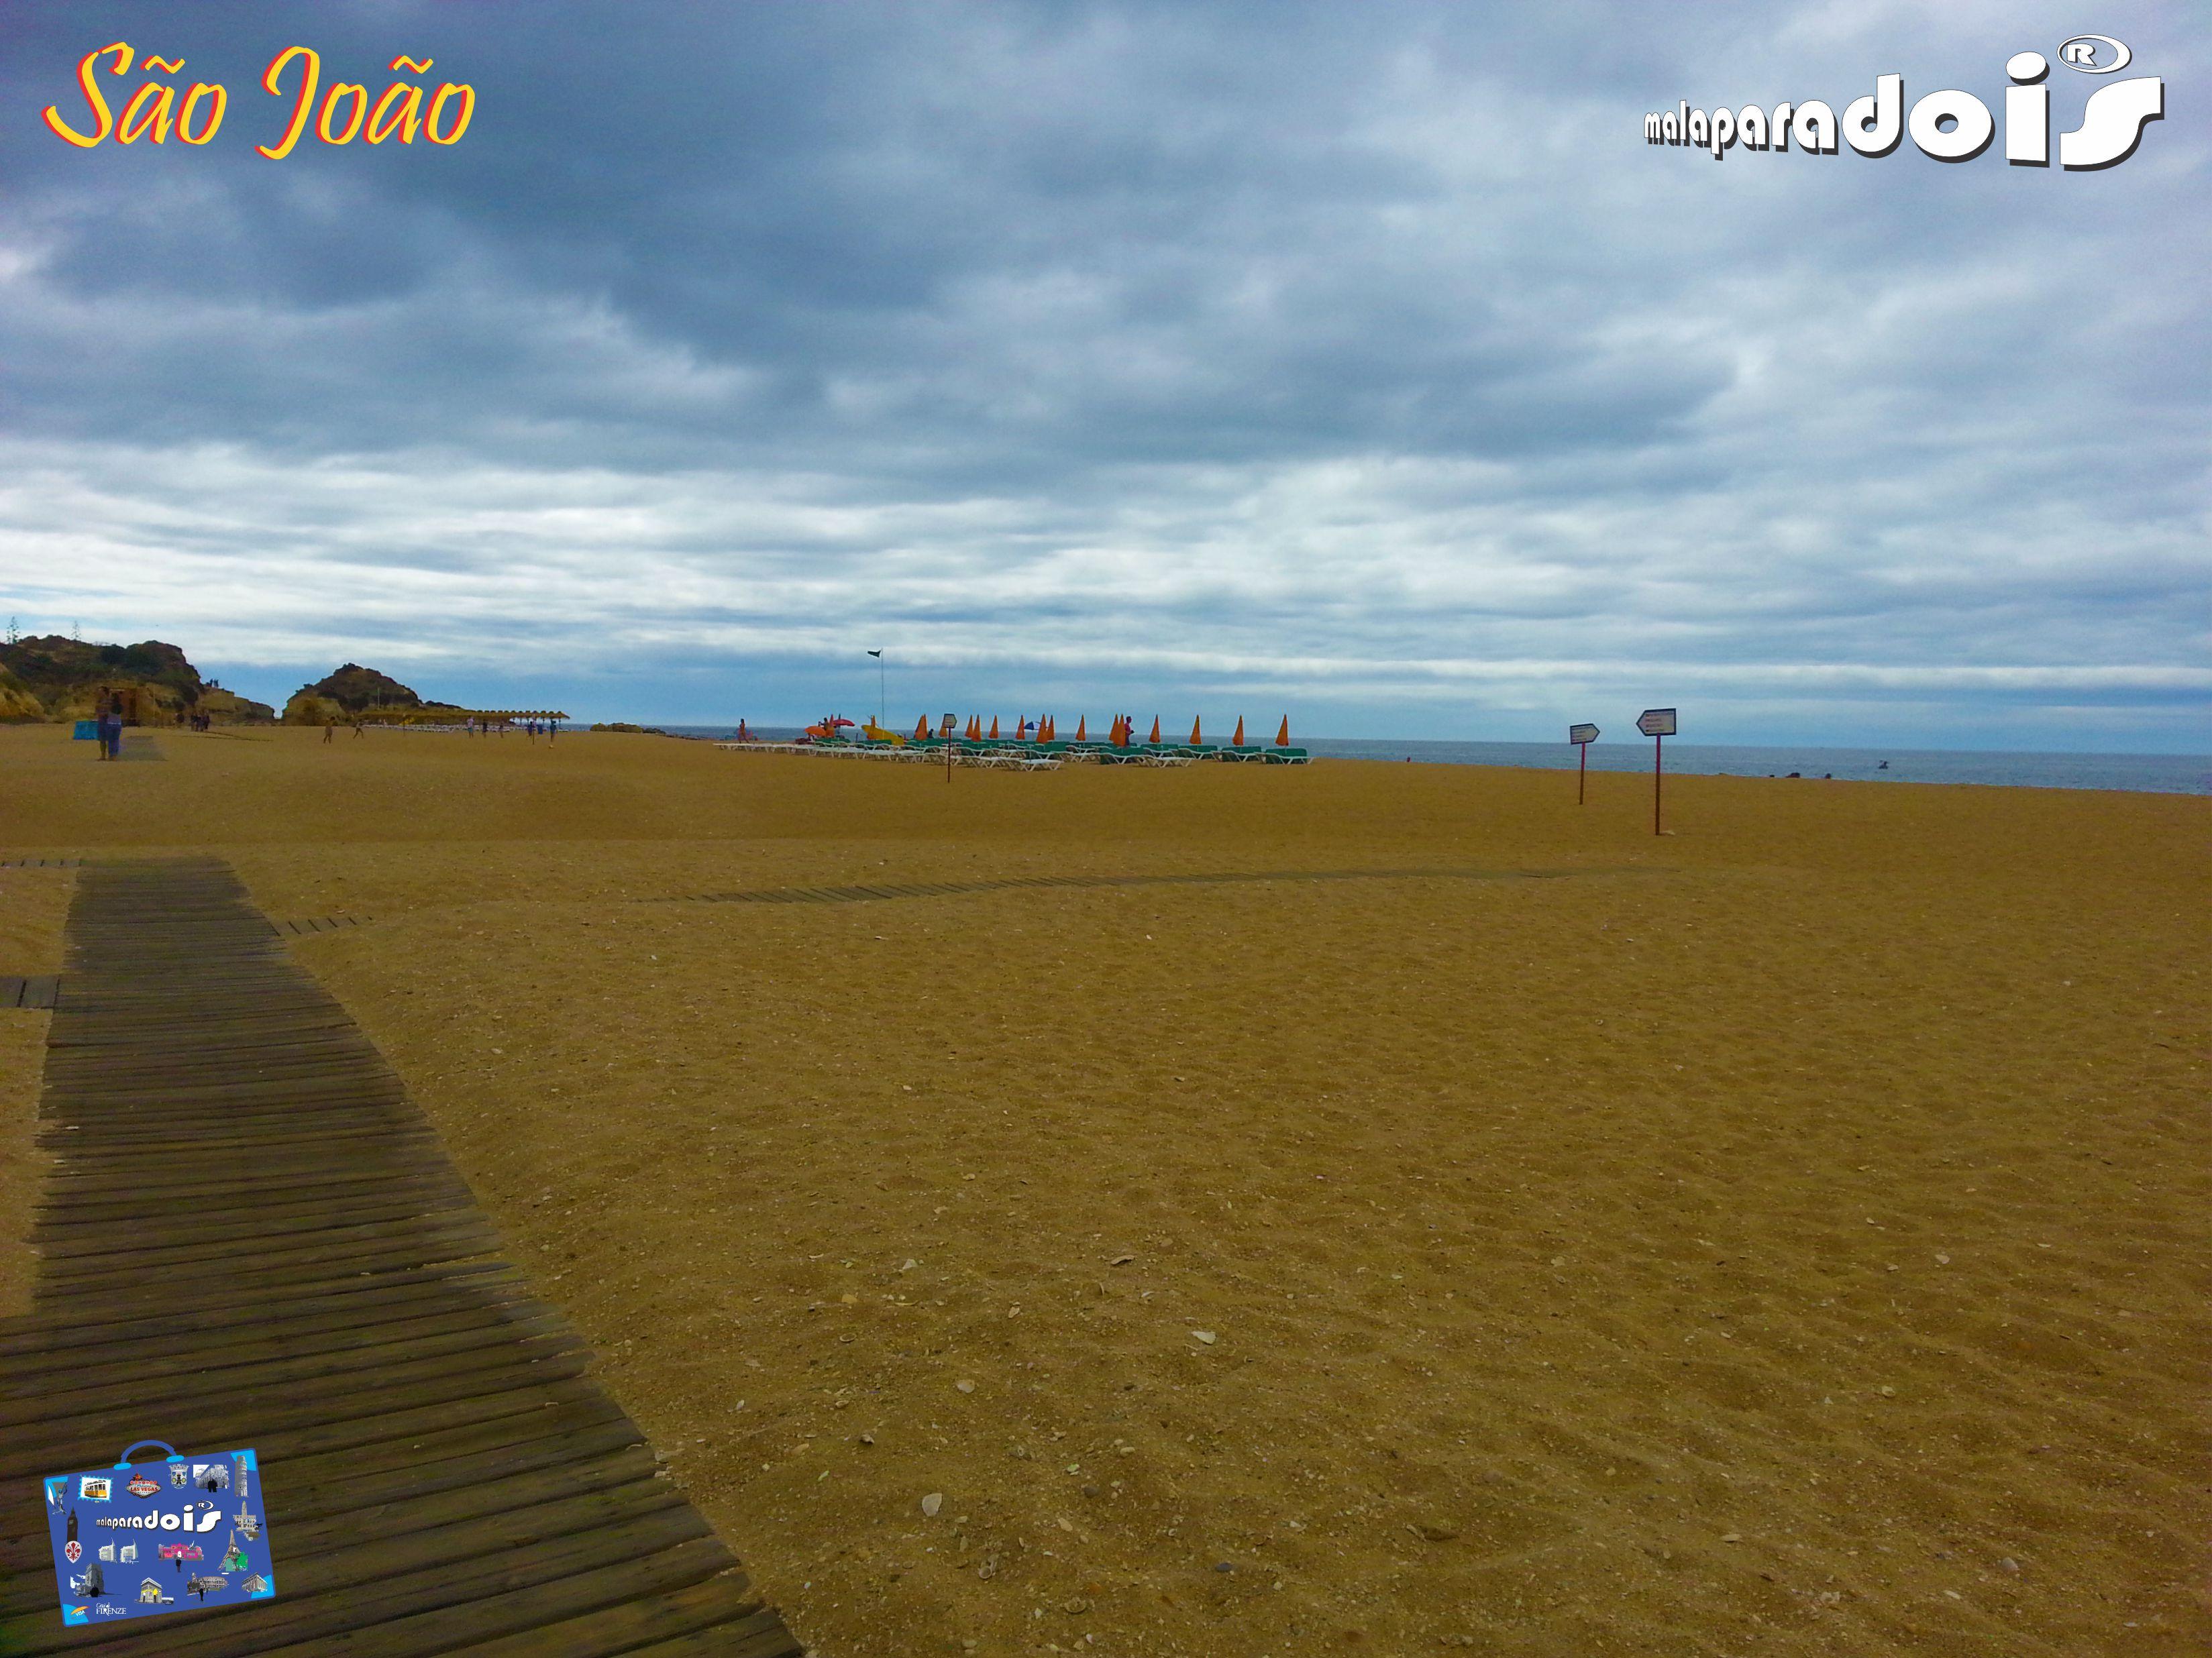 Praia do Forte de São João